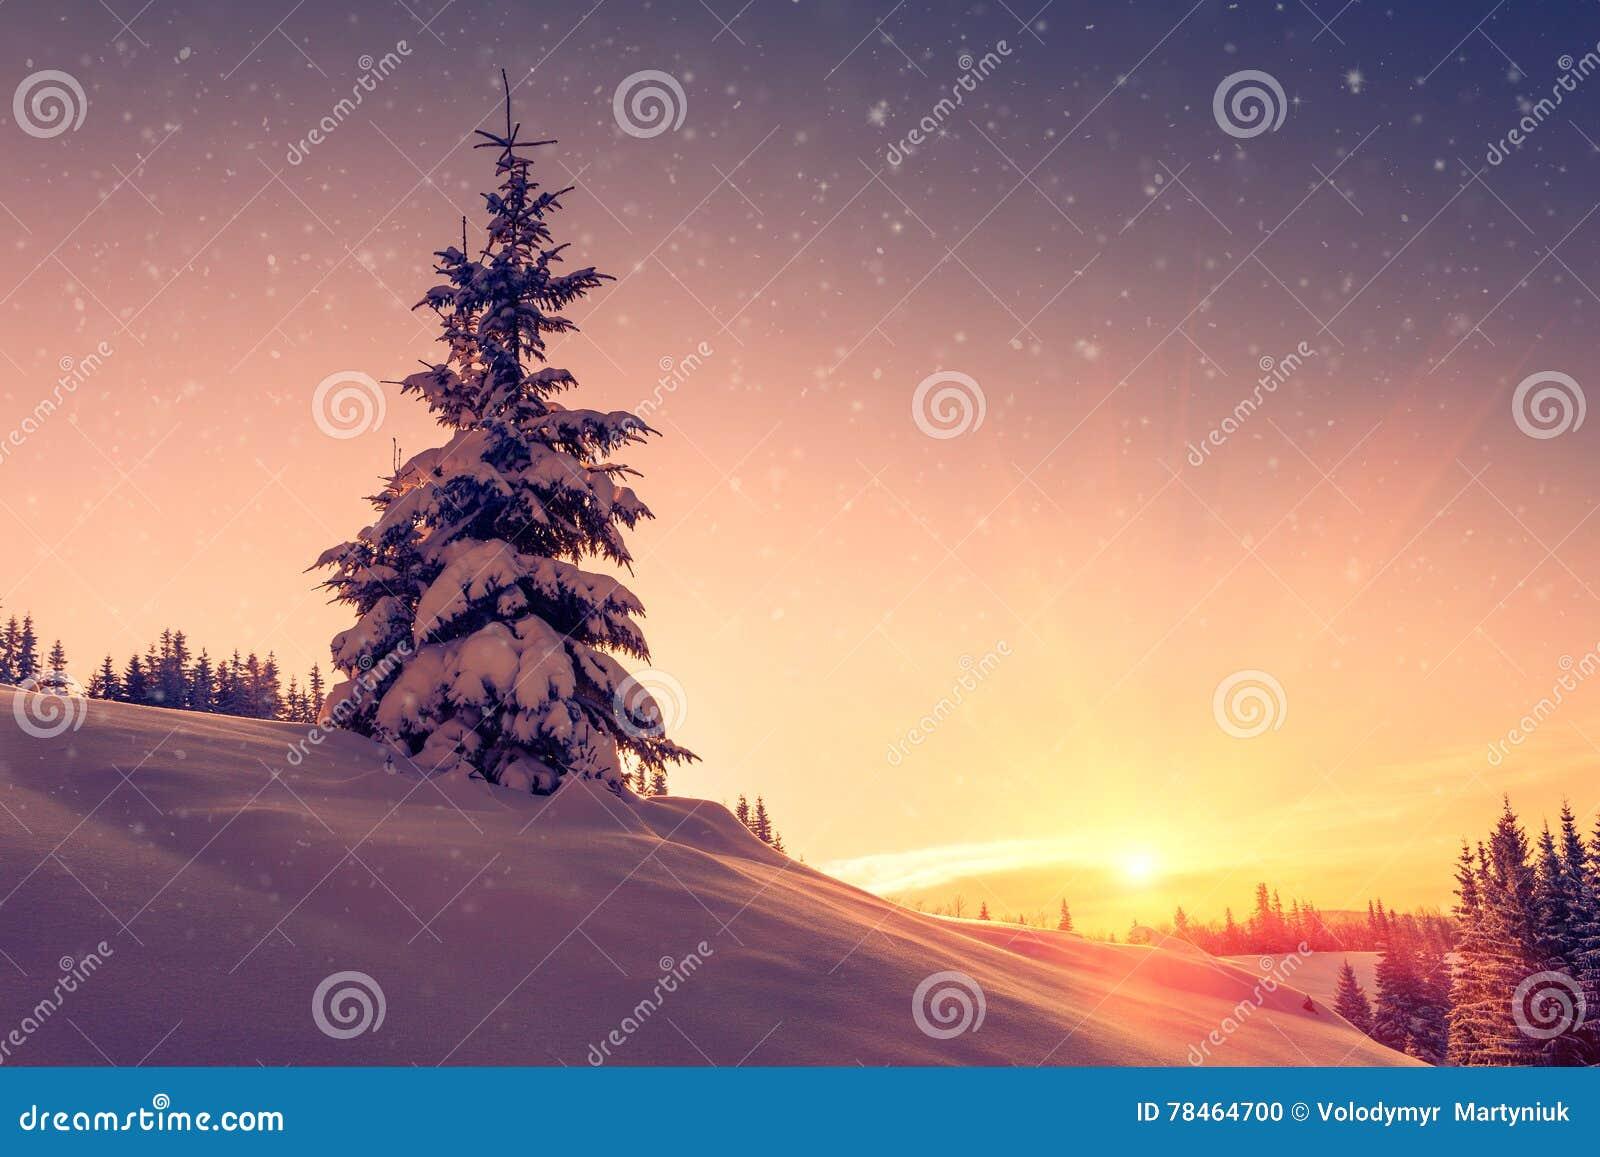 Beau paysage d hiver en montagnes Vue des arbres et des flocons de neige couverts de neige de conifère au lever de soleil Joyeux